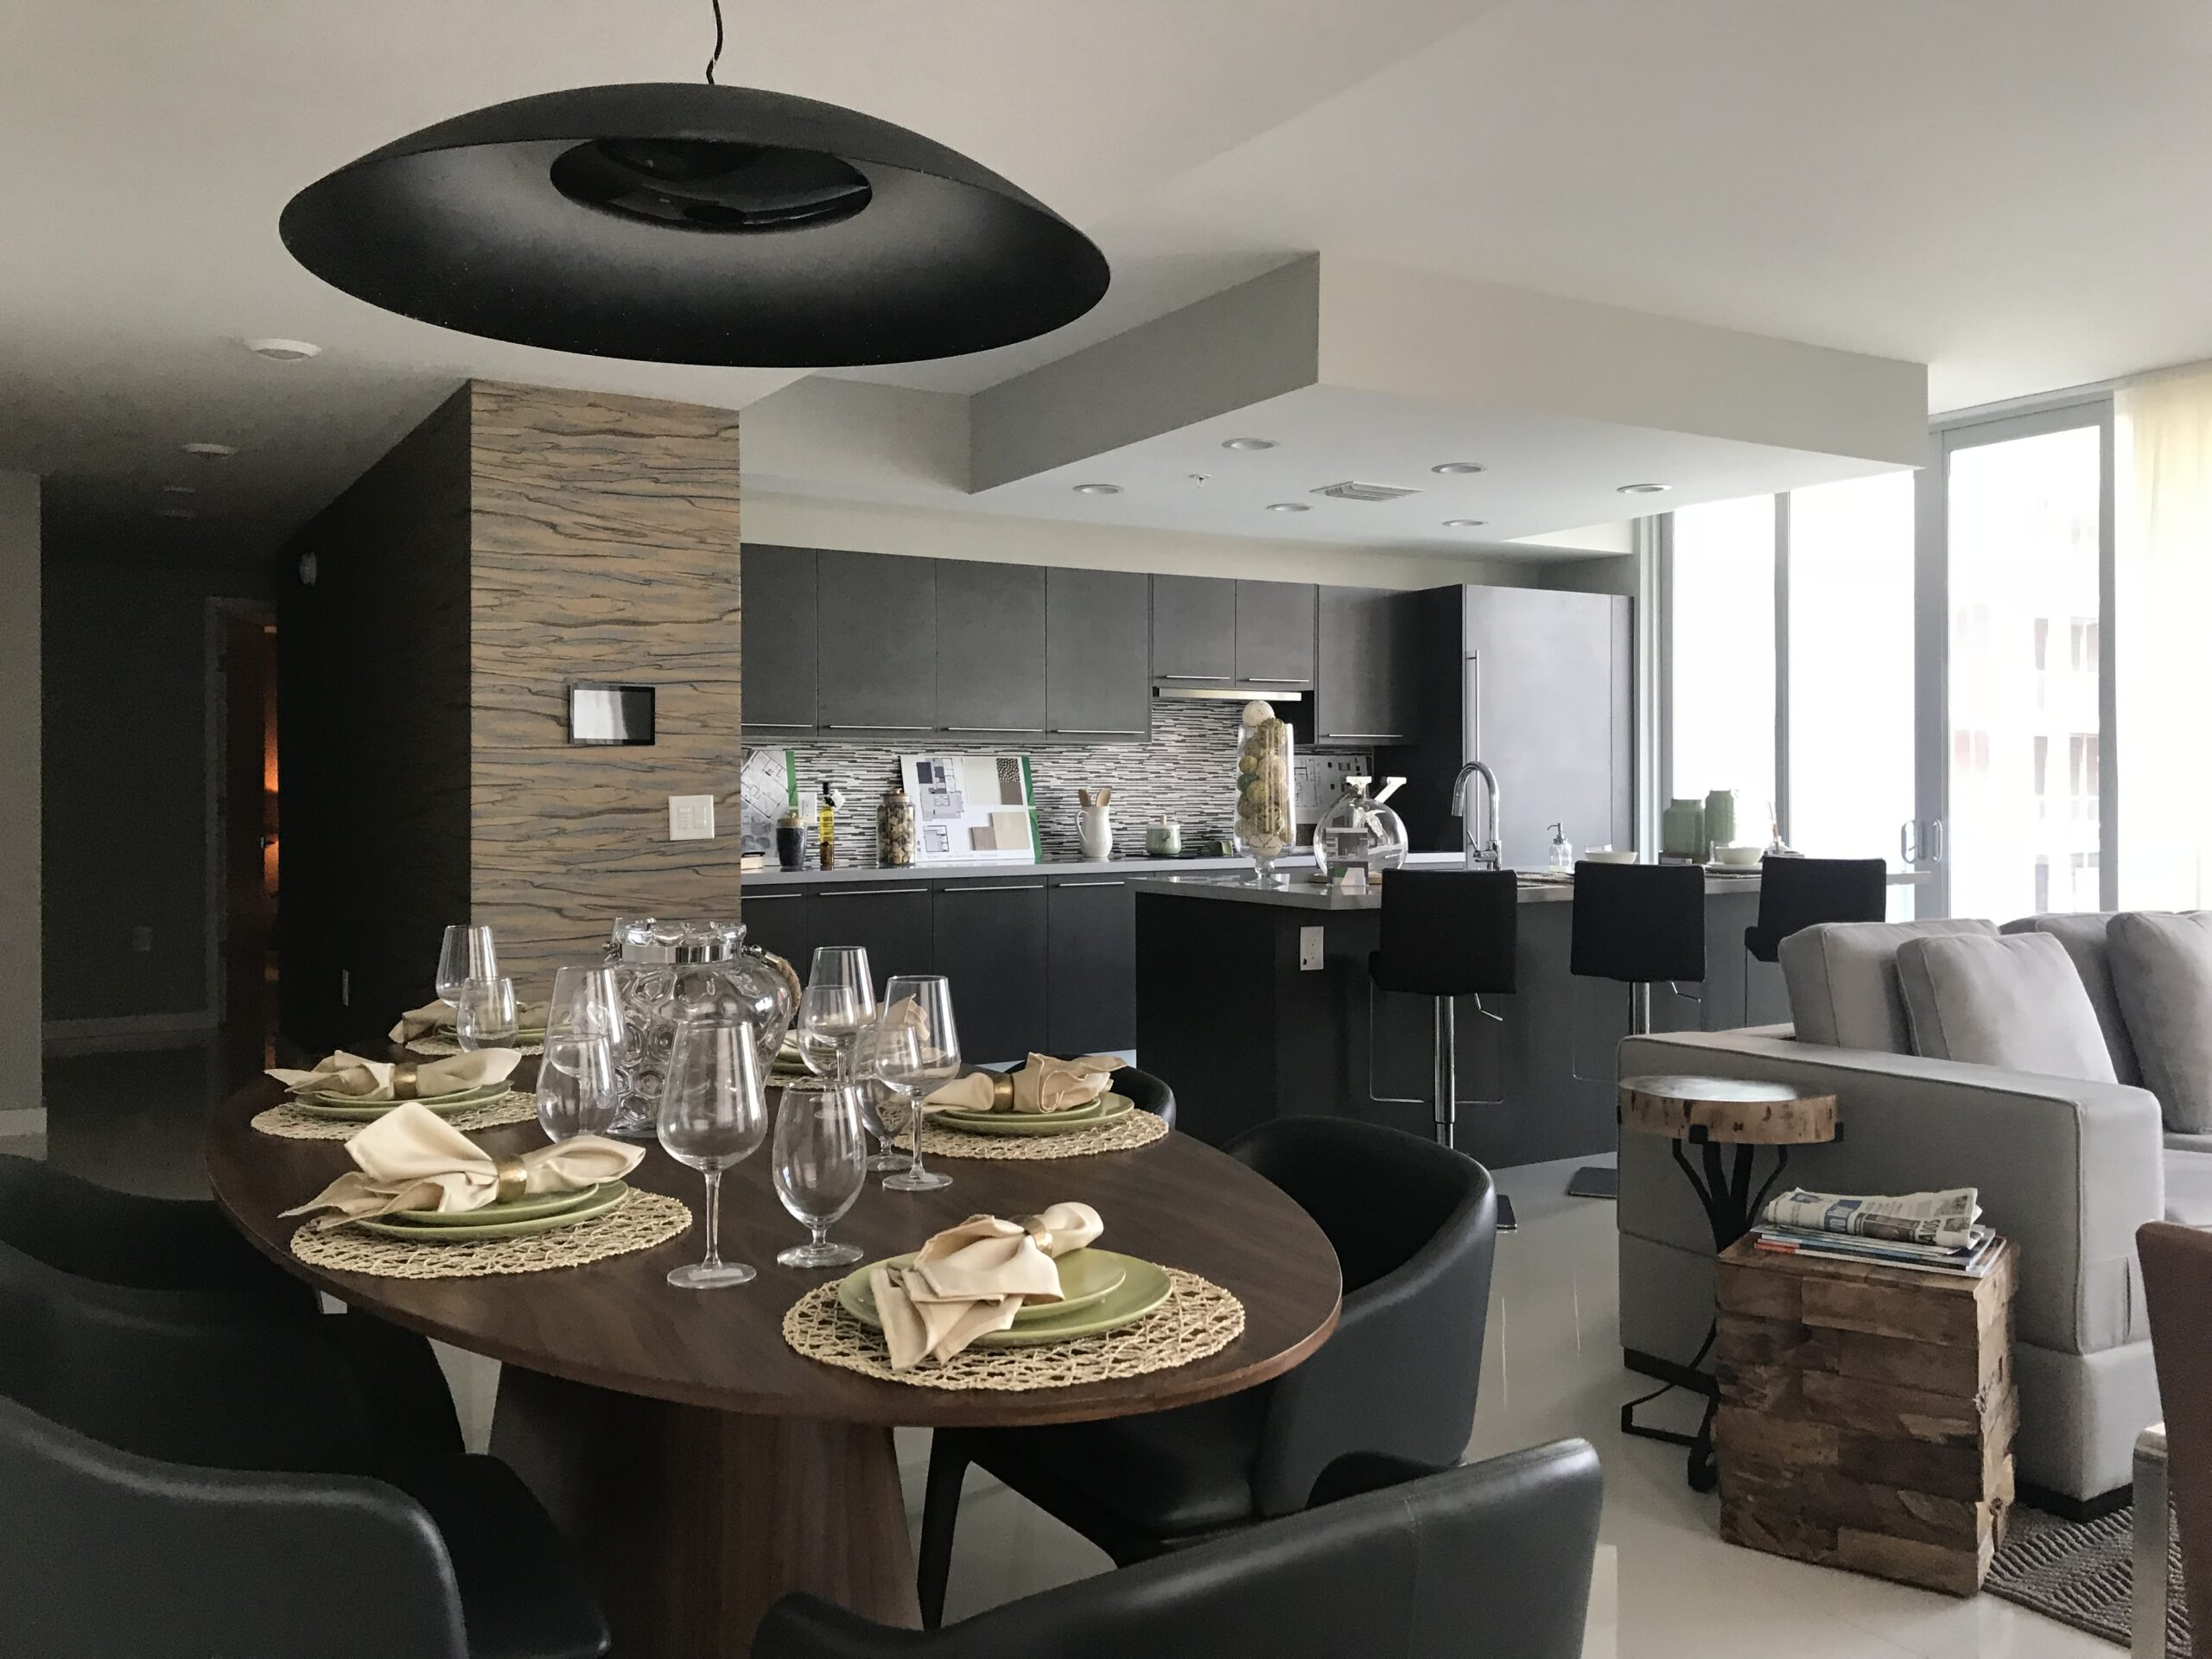 apartment interior design by kstudio